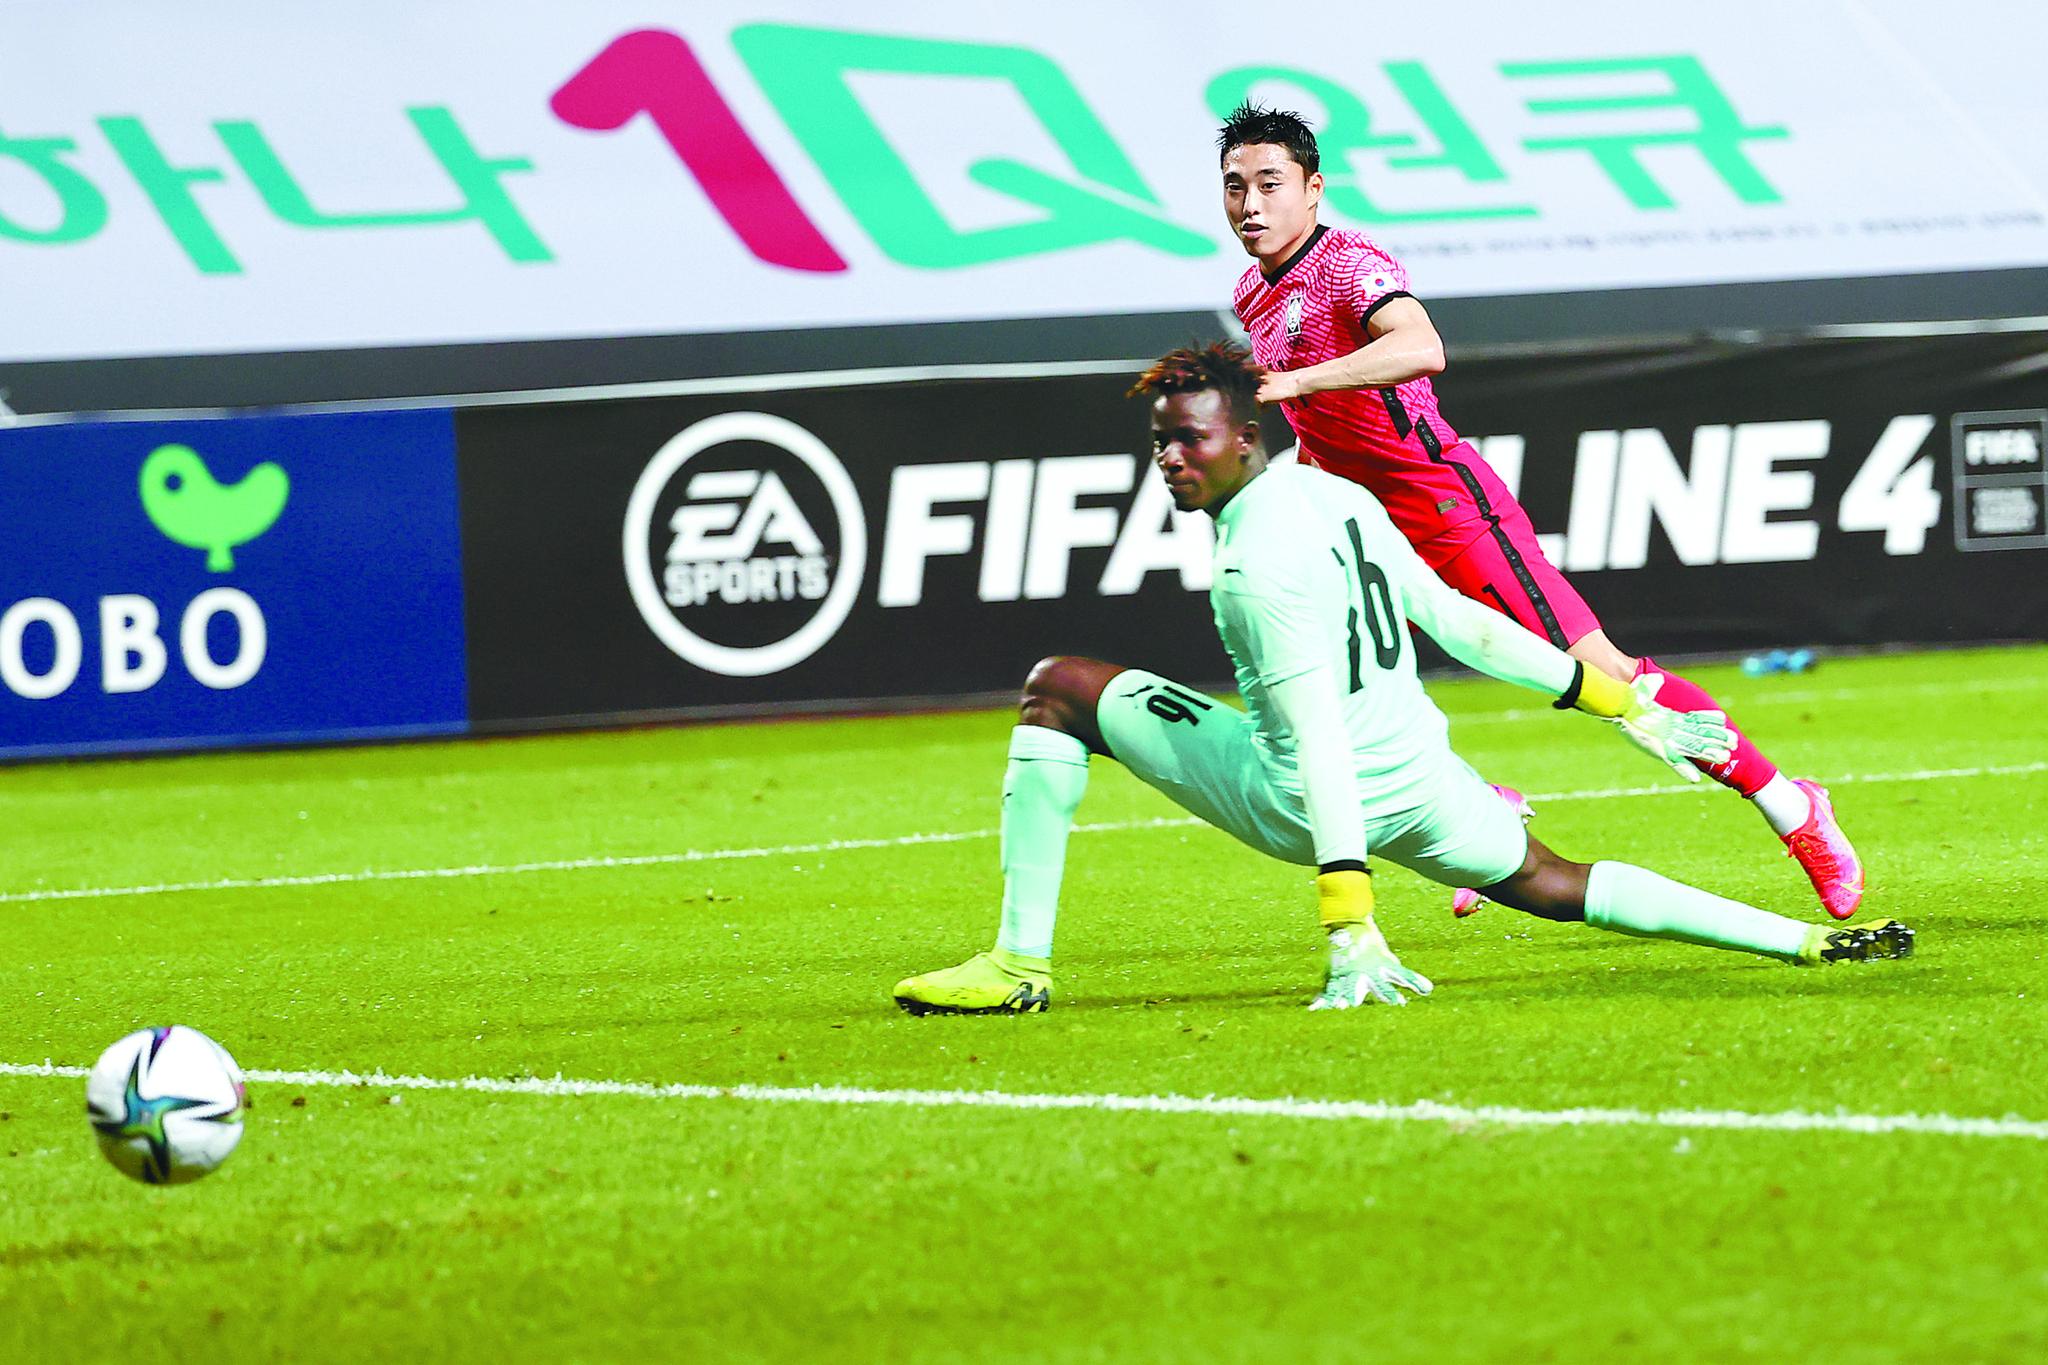 올림픽축구대표팀 이동준이 15일 가나와 평가전에서 결승골을 터트리고 있다. [연합뉴스]